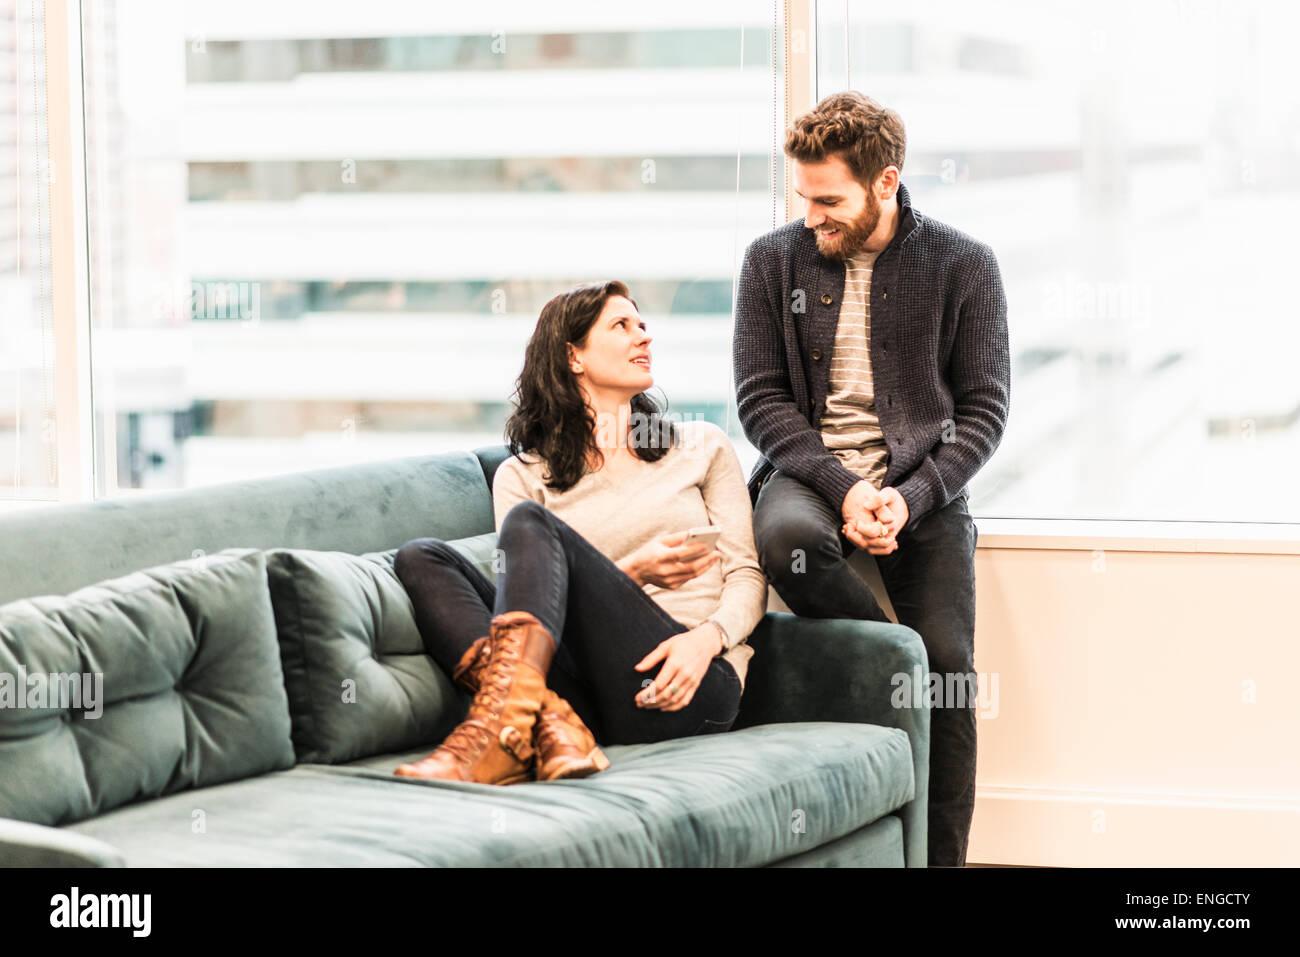 Deux personnes, une femme assise sur un canapé avec ses pieds une minute de repos, et un homme assis à Photo Stock